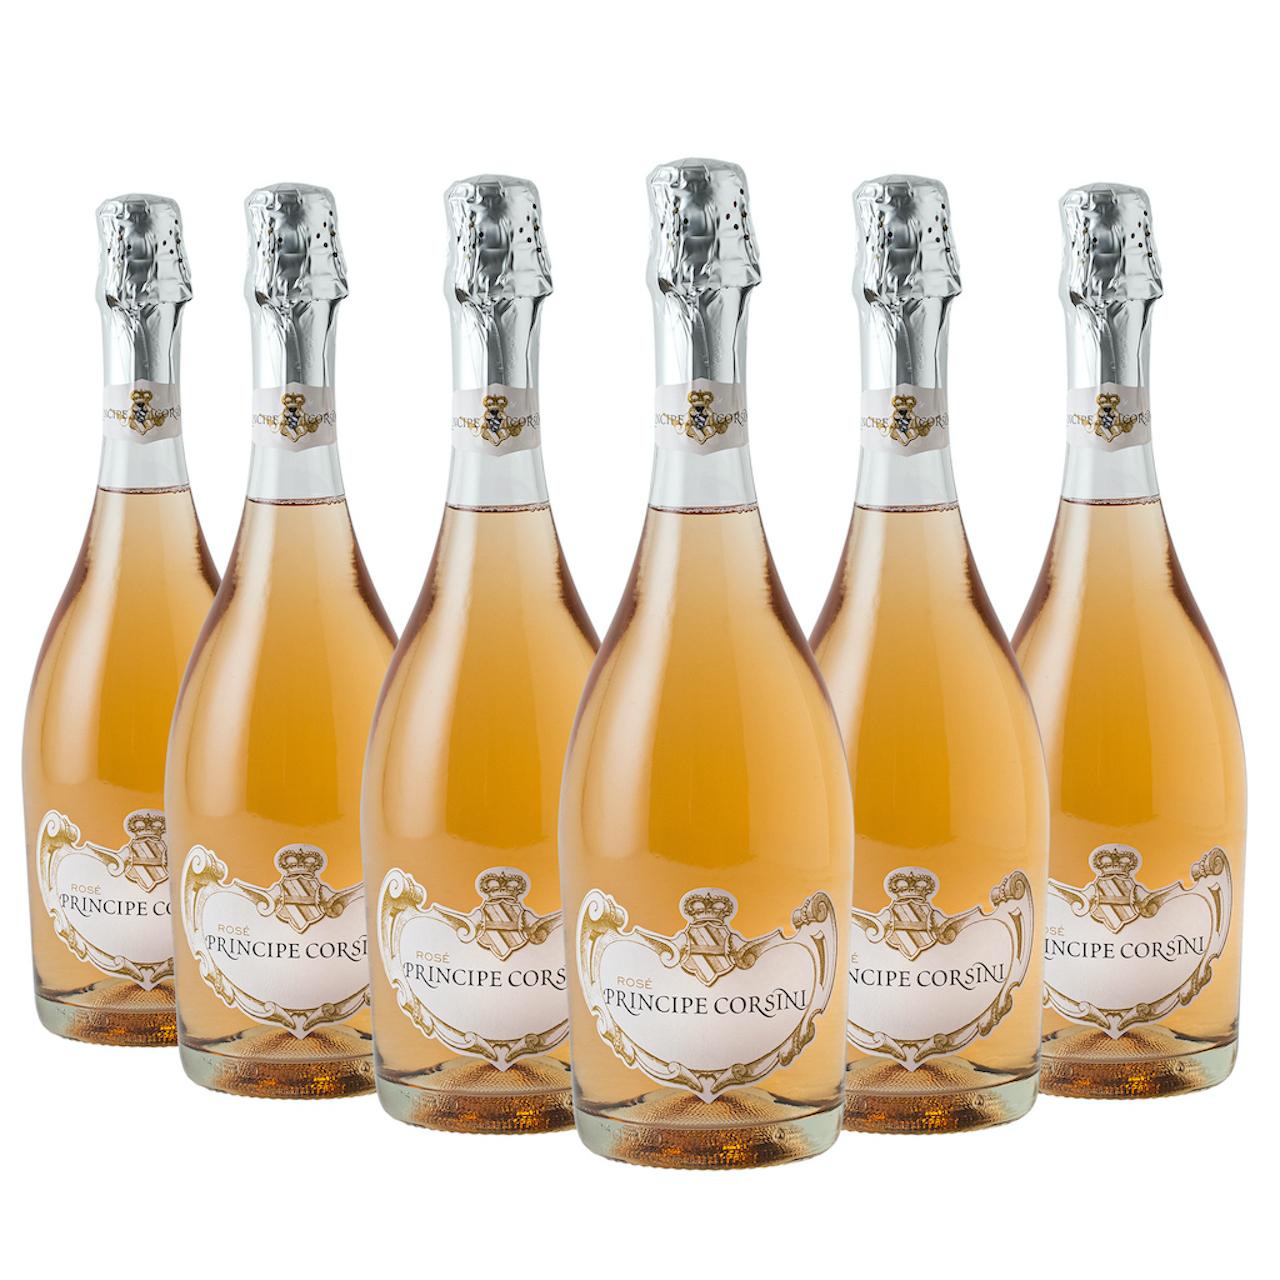 6 x Spumante Rosé Principe Corsini